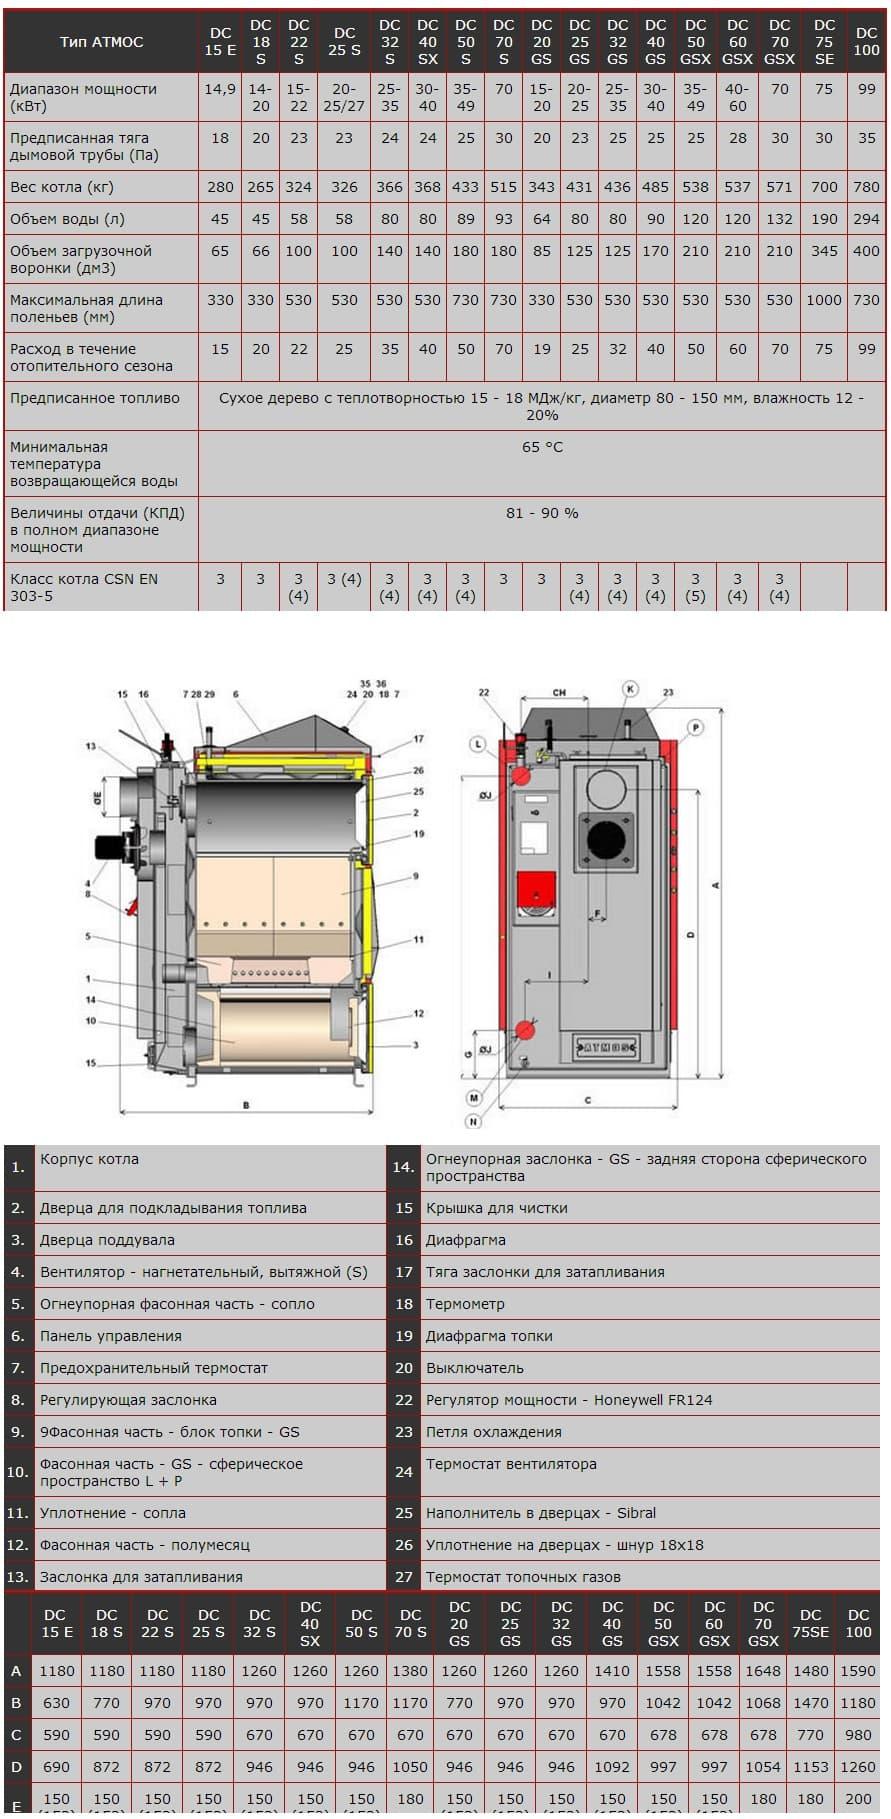 картинка - технические характеристики: Котел твердотопливный Atmos DC 75 SE